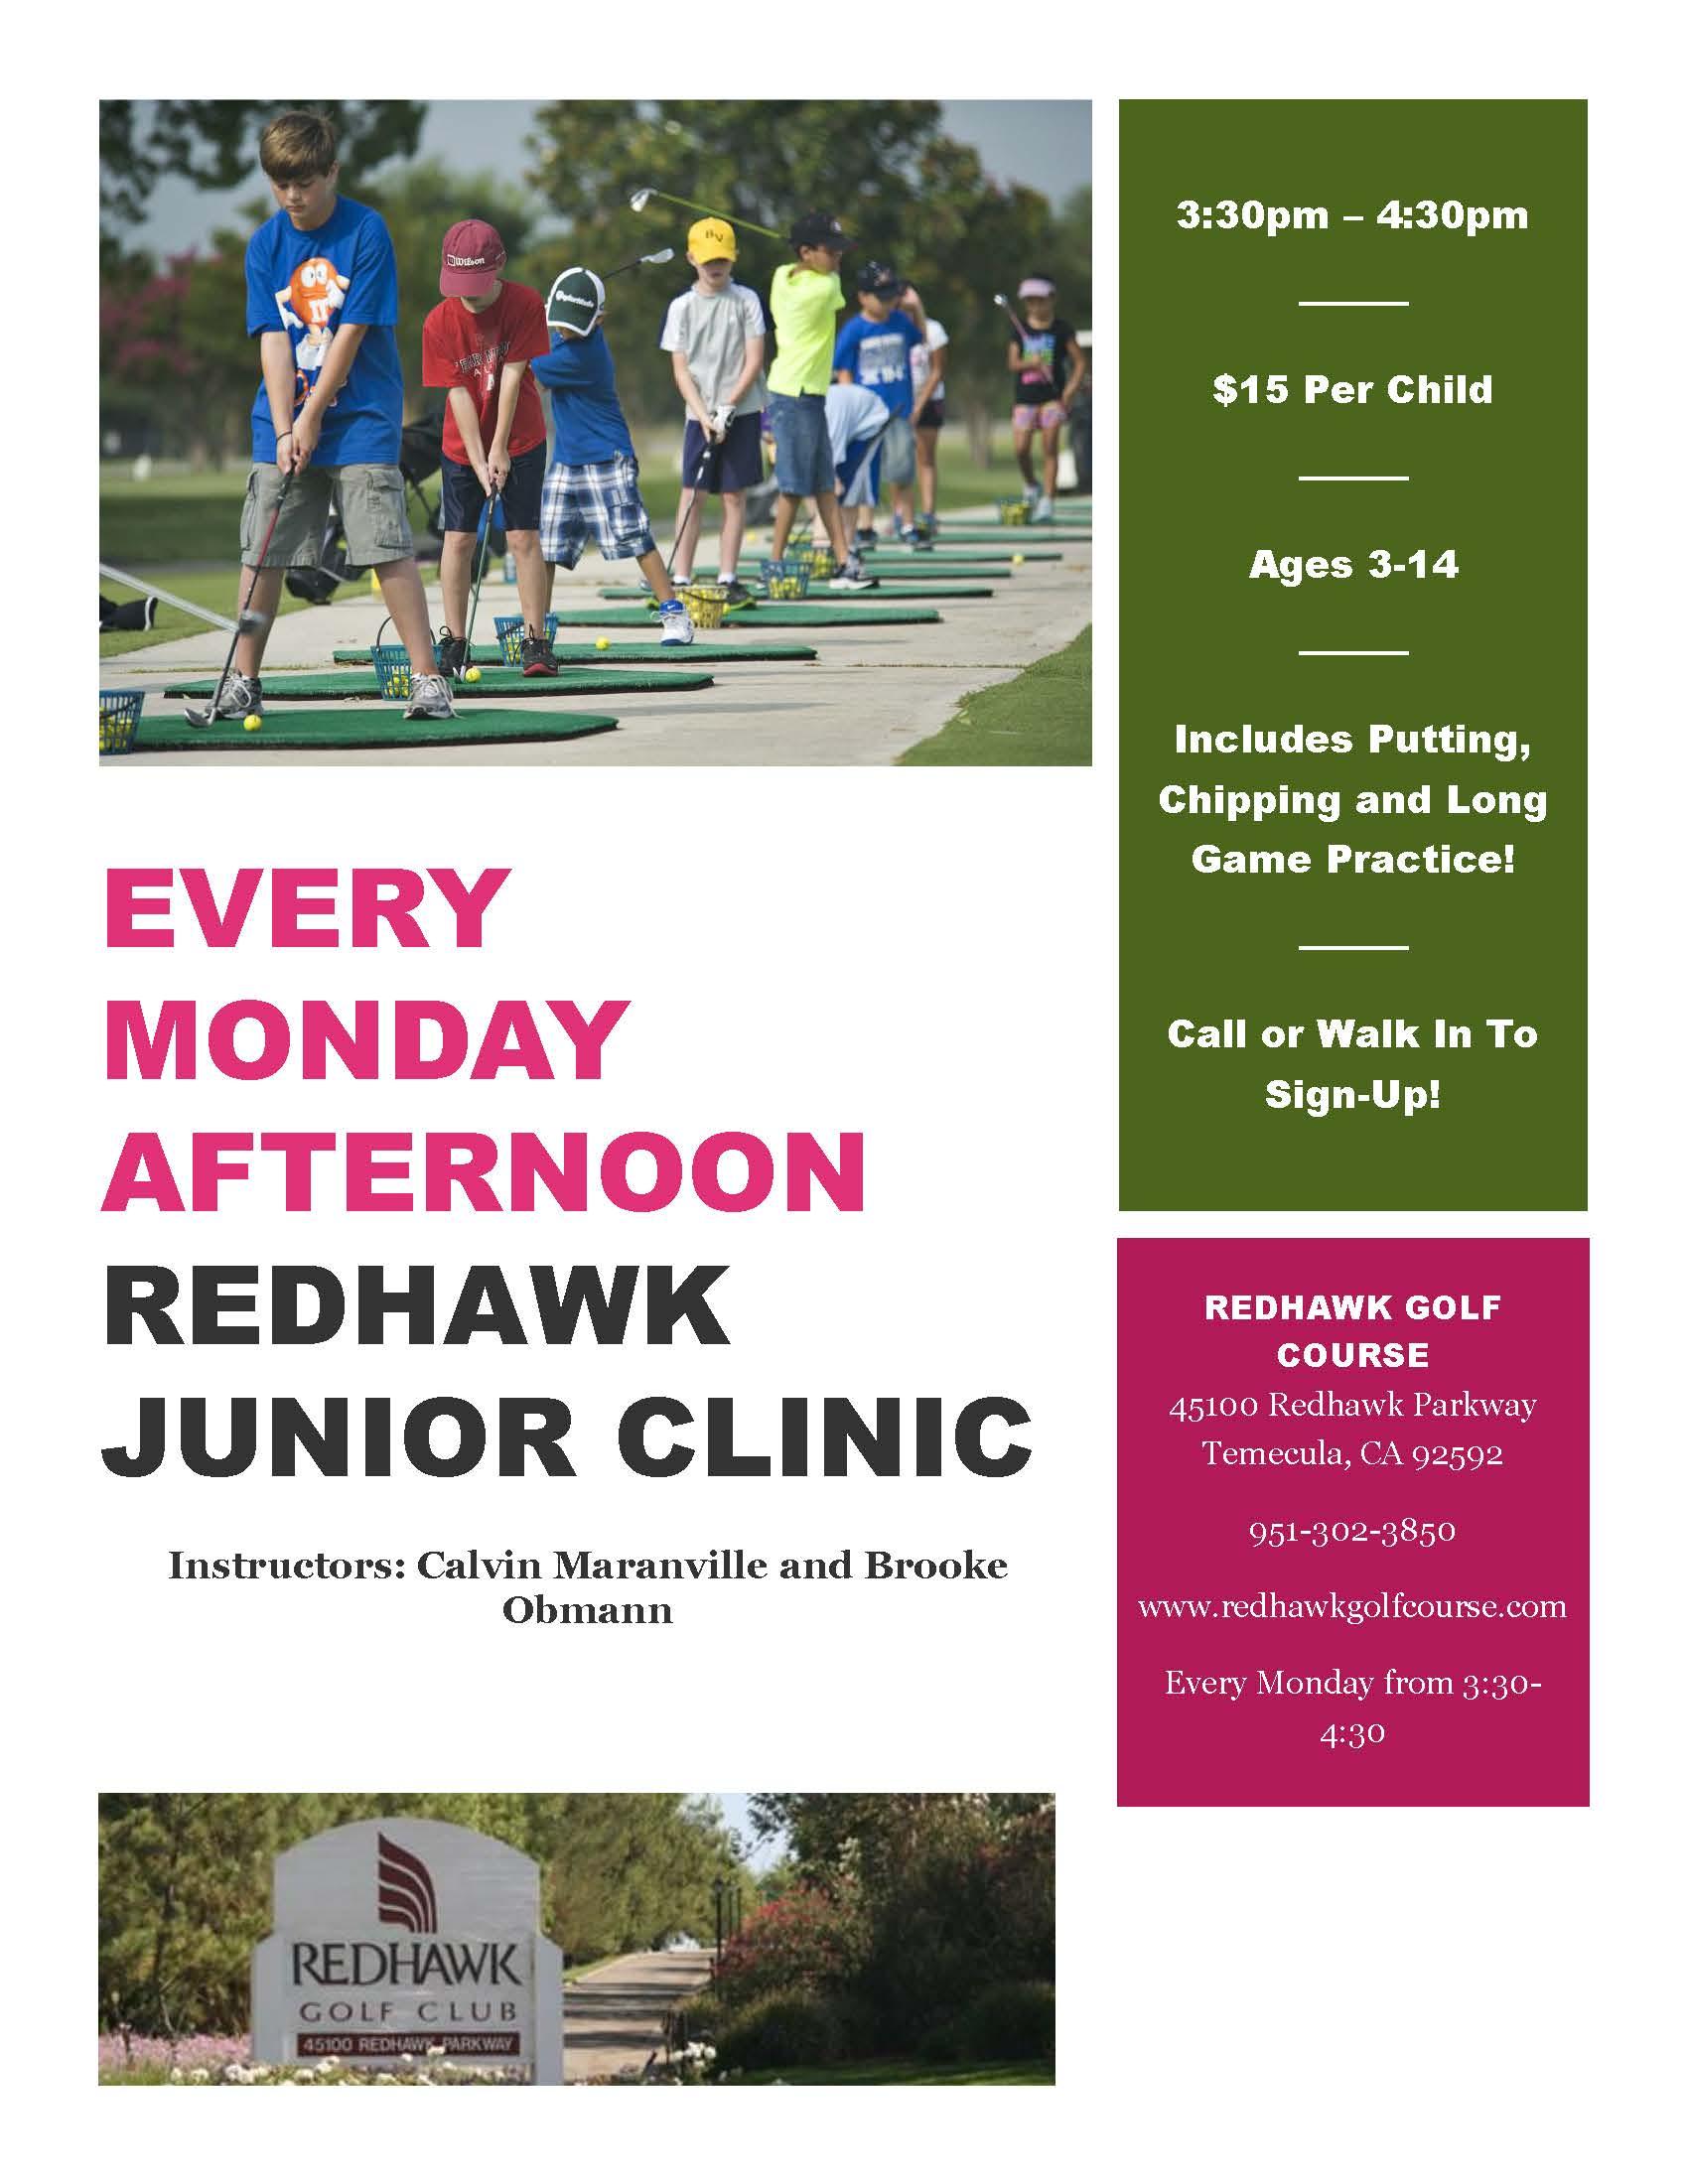 Junior Clinic Flyer